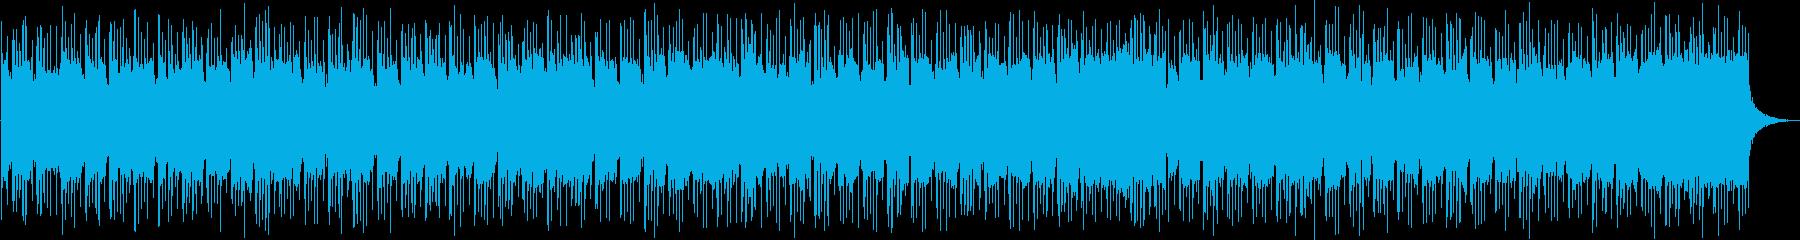 バッハ/G線上のアリア/Hiphopの再生済みの波形